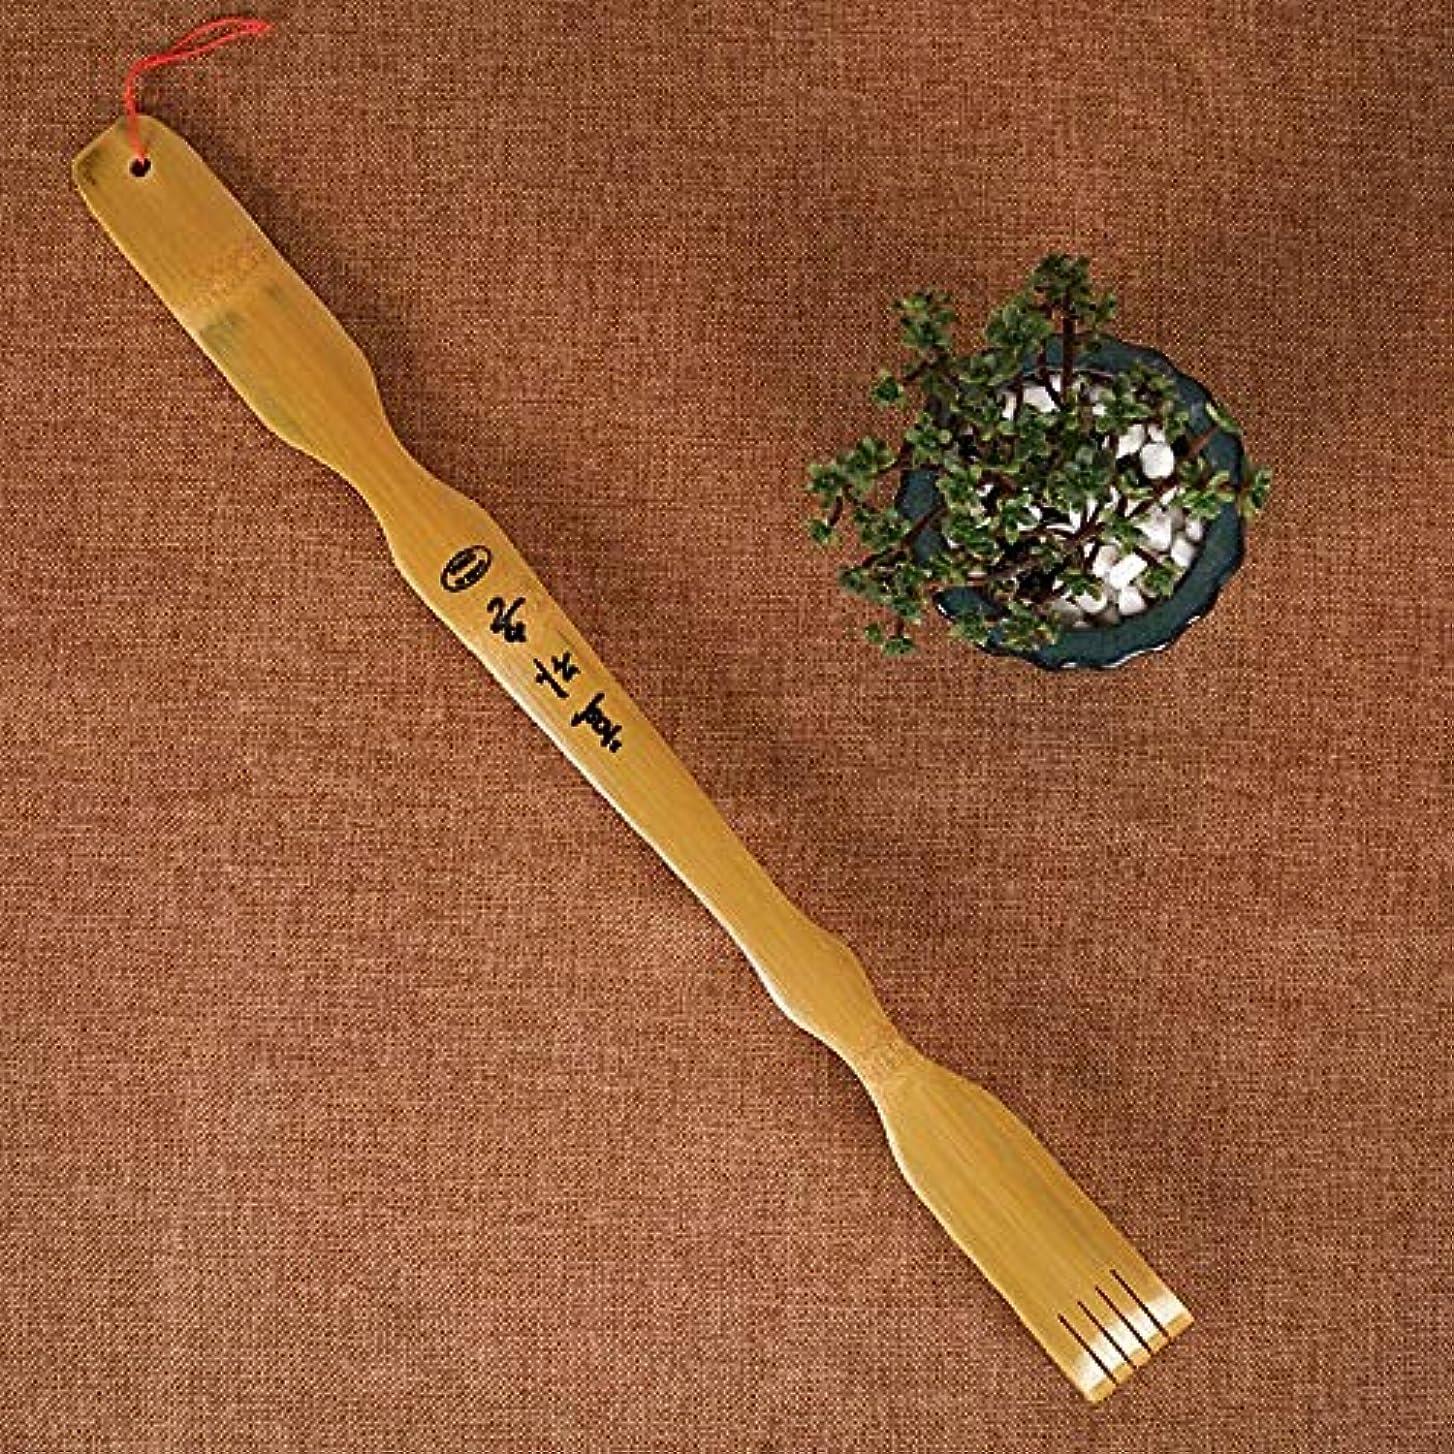 特徴スタジアム夜明けにRuby背中掻きブラシ 竹製 まごのて 敬老の日 プレゼント高人気 背中かゆみを止め マッサージ用